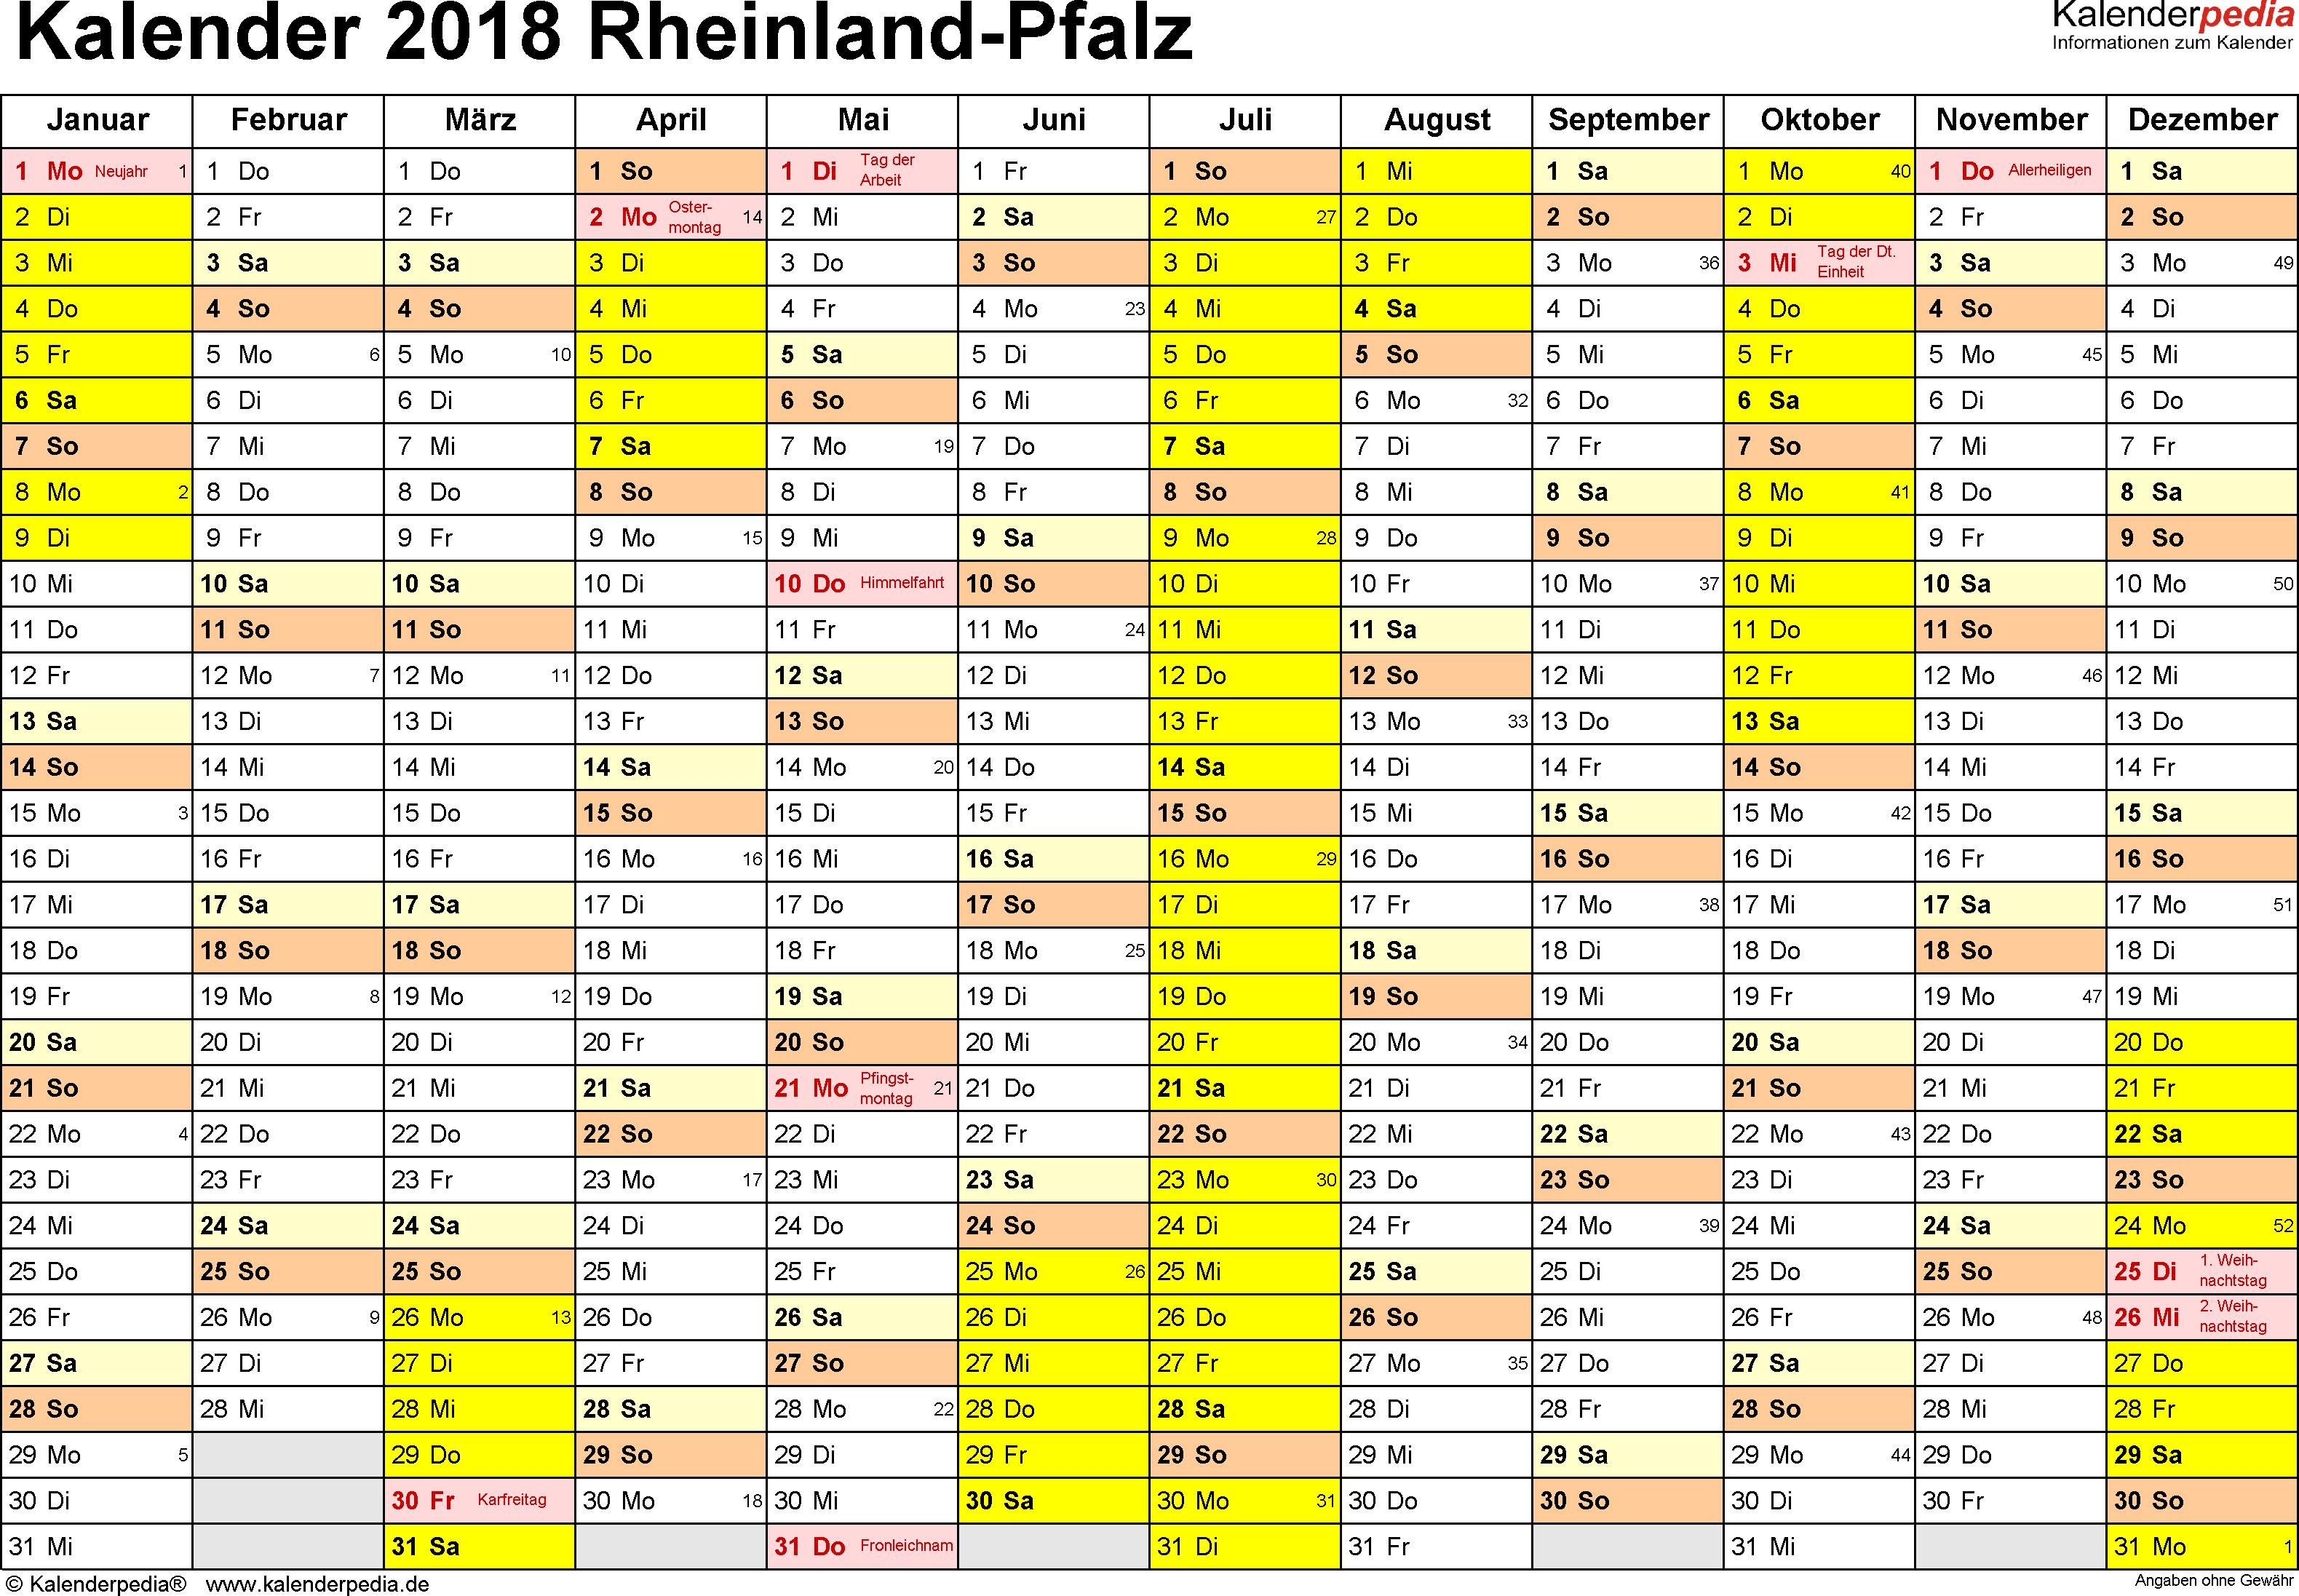 Vorlage 1: Kalender 2018 für Rheinland-Pfalz als Excel-Vorlage (Querformat, 1 Seite)